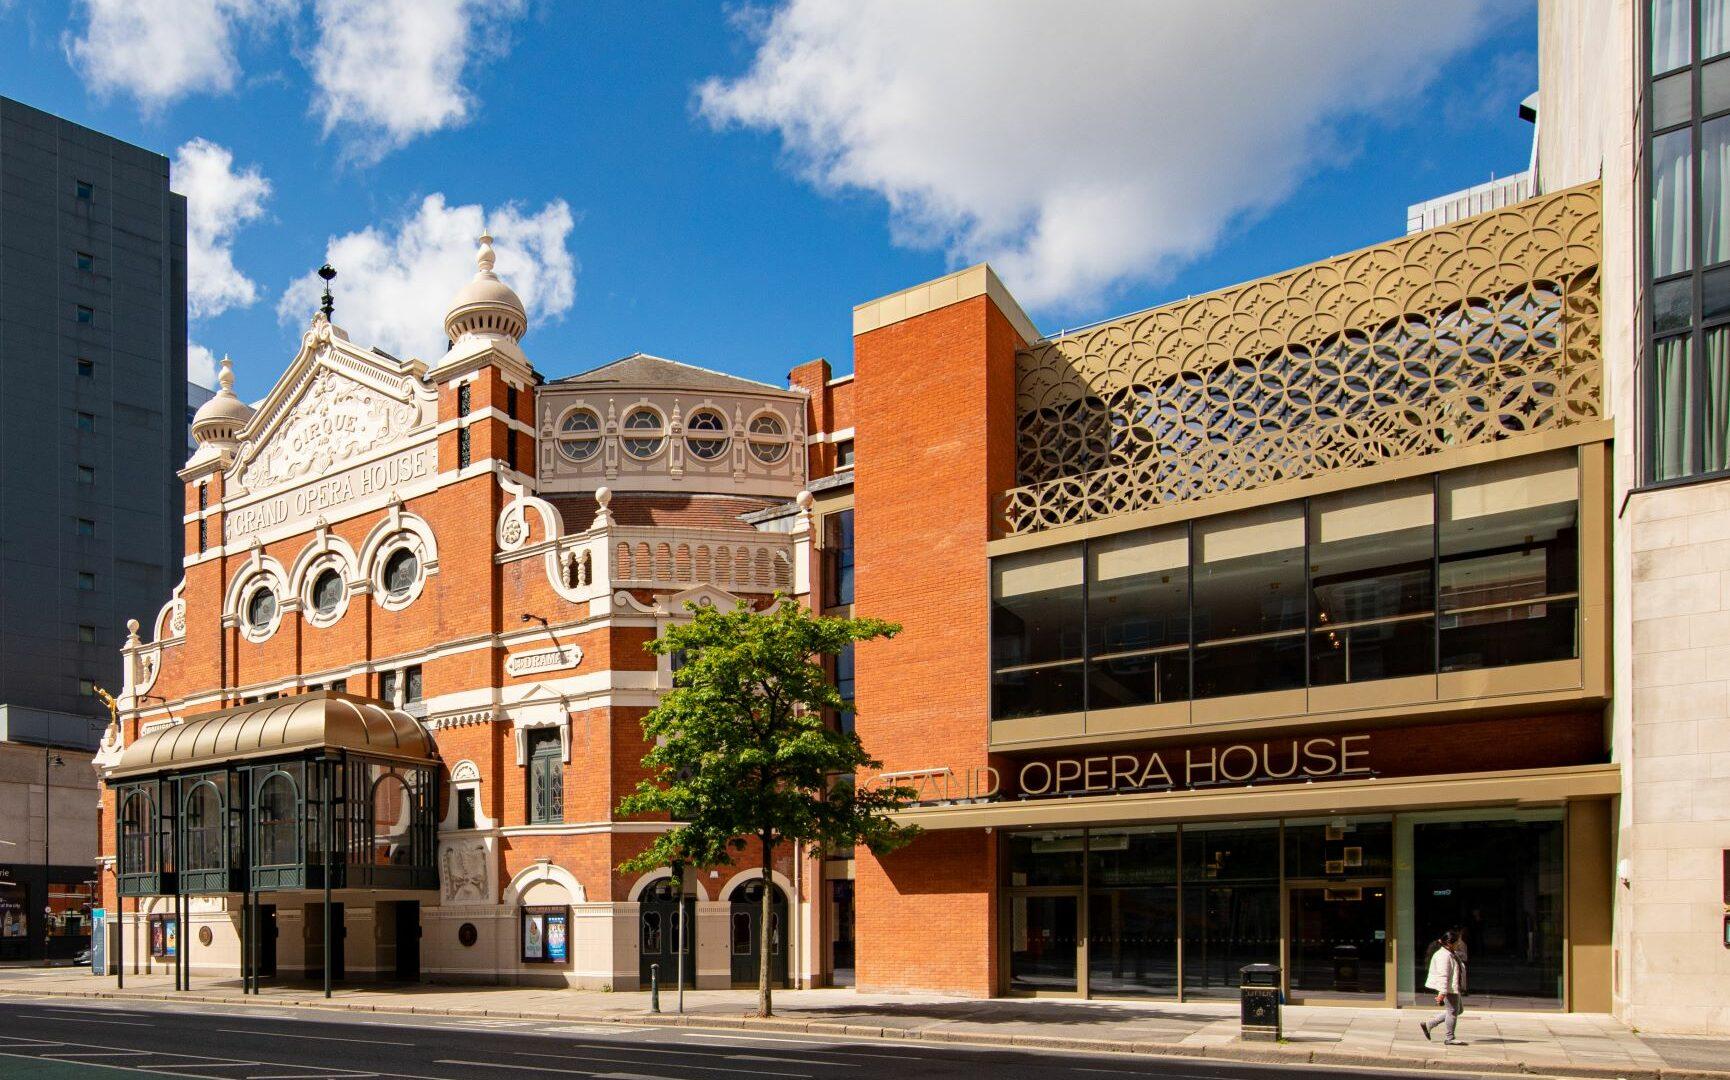 The Theatre facade